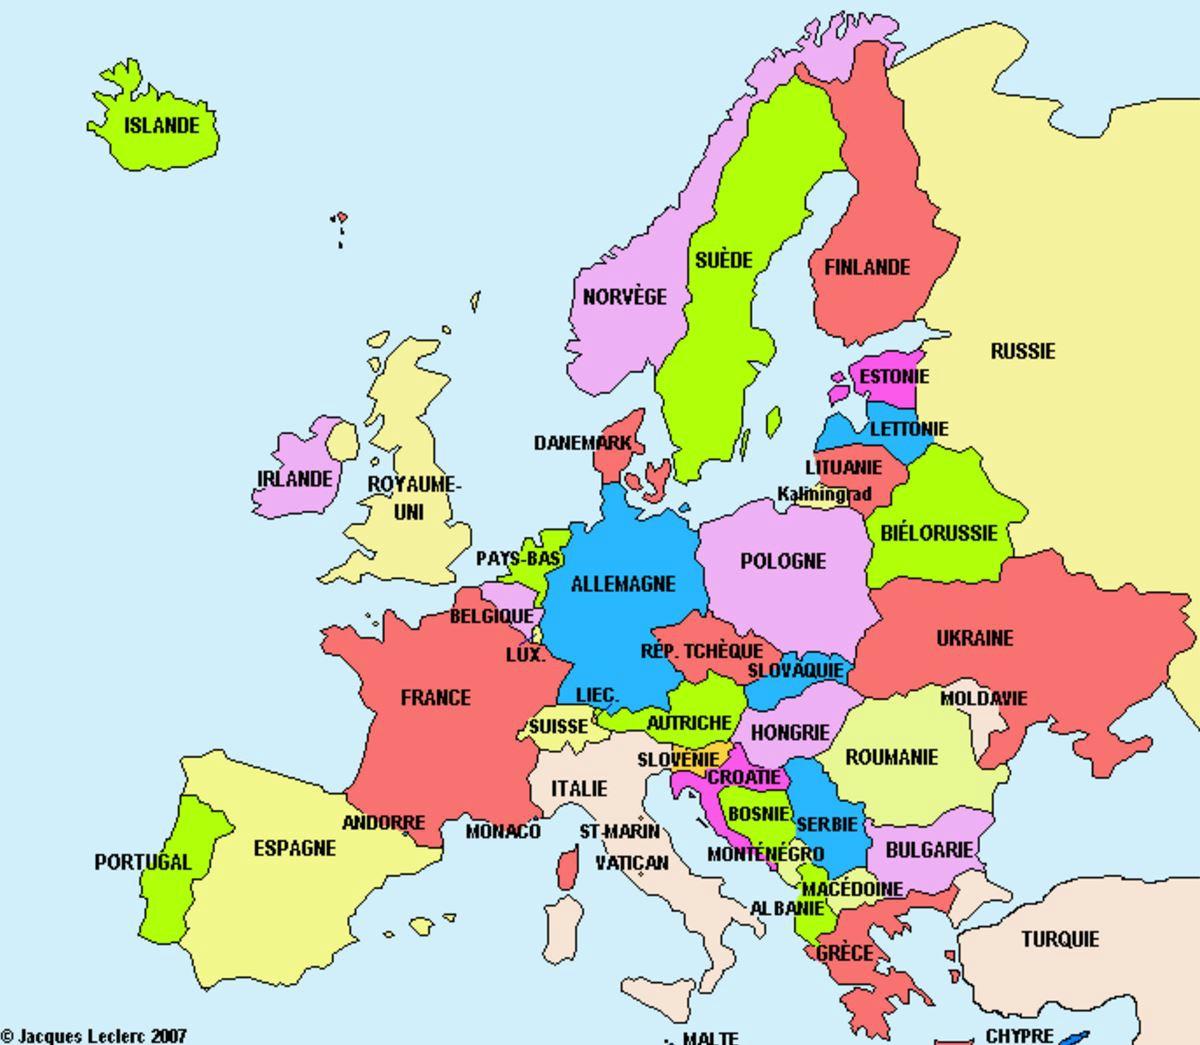 La Carte D'europe Et Ses Pays + Activités - Le Blog Du Cours dedans Carte Pays D Europe